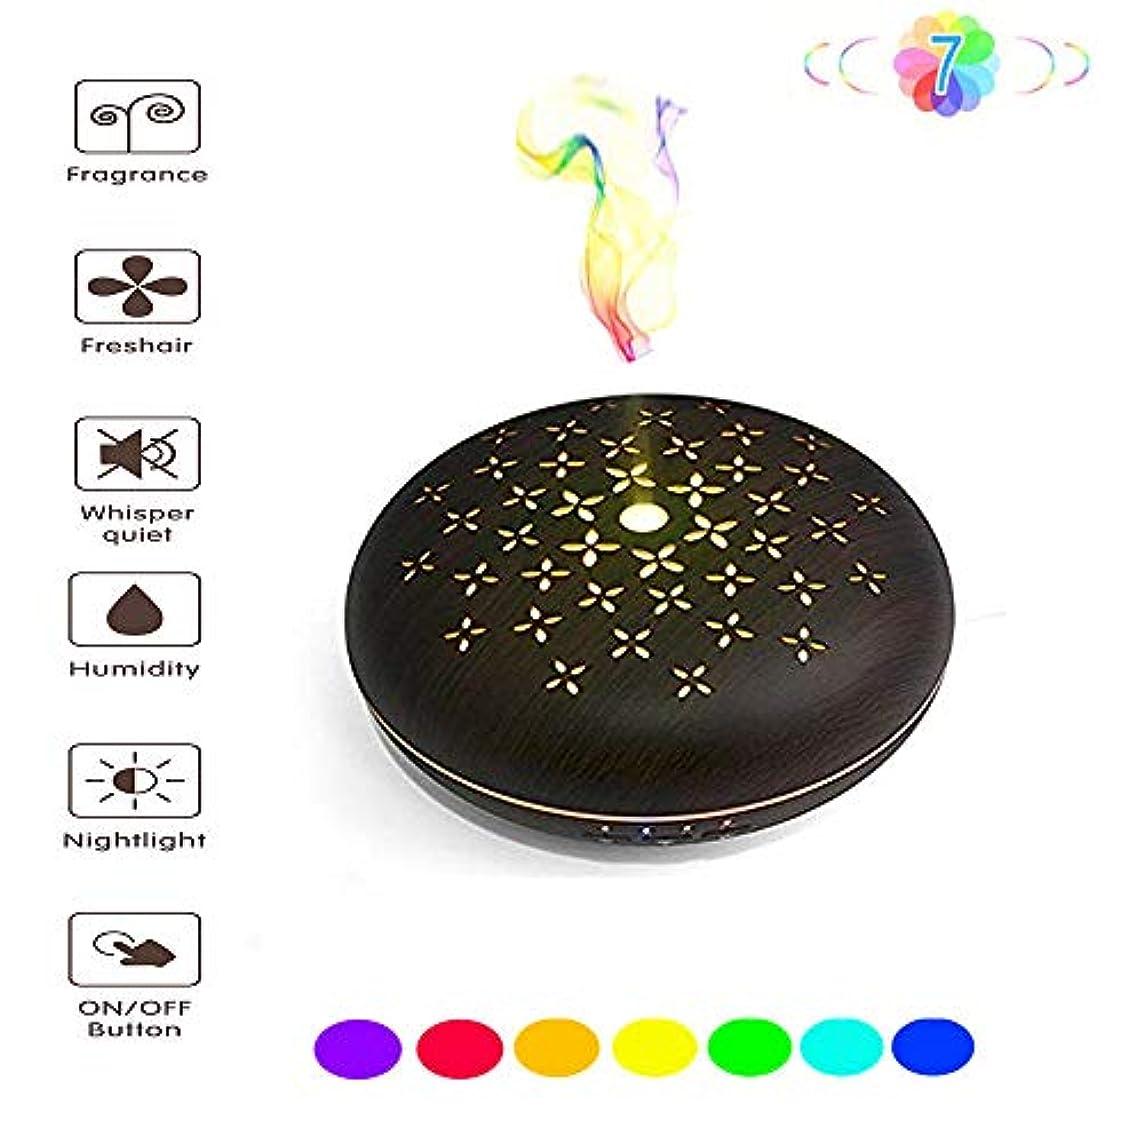 コメントこだわり取り出すアロマディフューザー - WIFIスマートボイスコントロール - カラフルな夜間照明用のタイミング設定付きの静かなデザイン - ネブライザー空気清浄機 - 家庭用/オフィス用